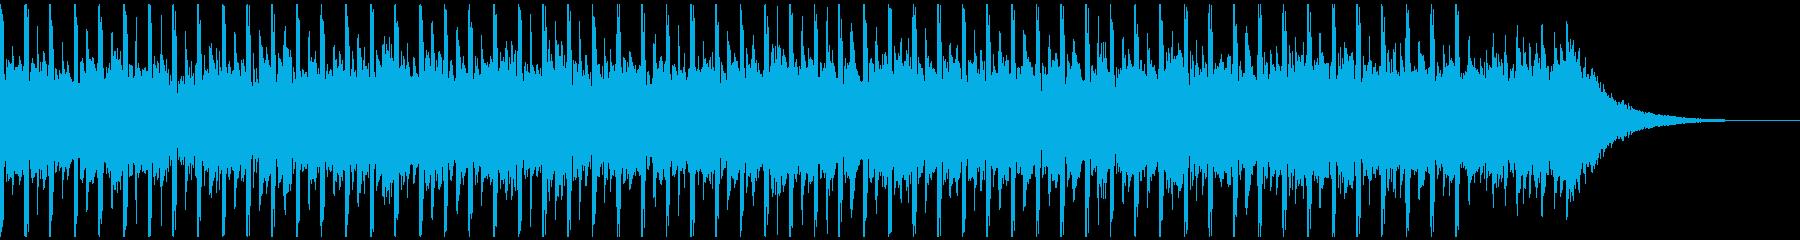 チームでの作業(30秒)の再生済みの波形